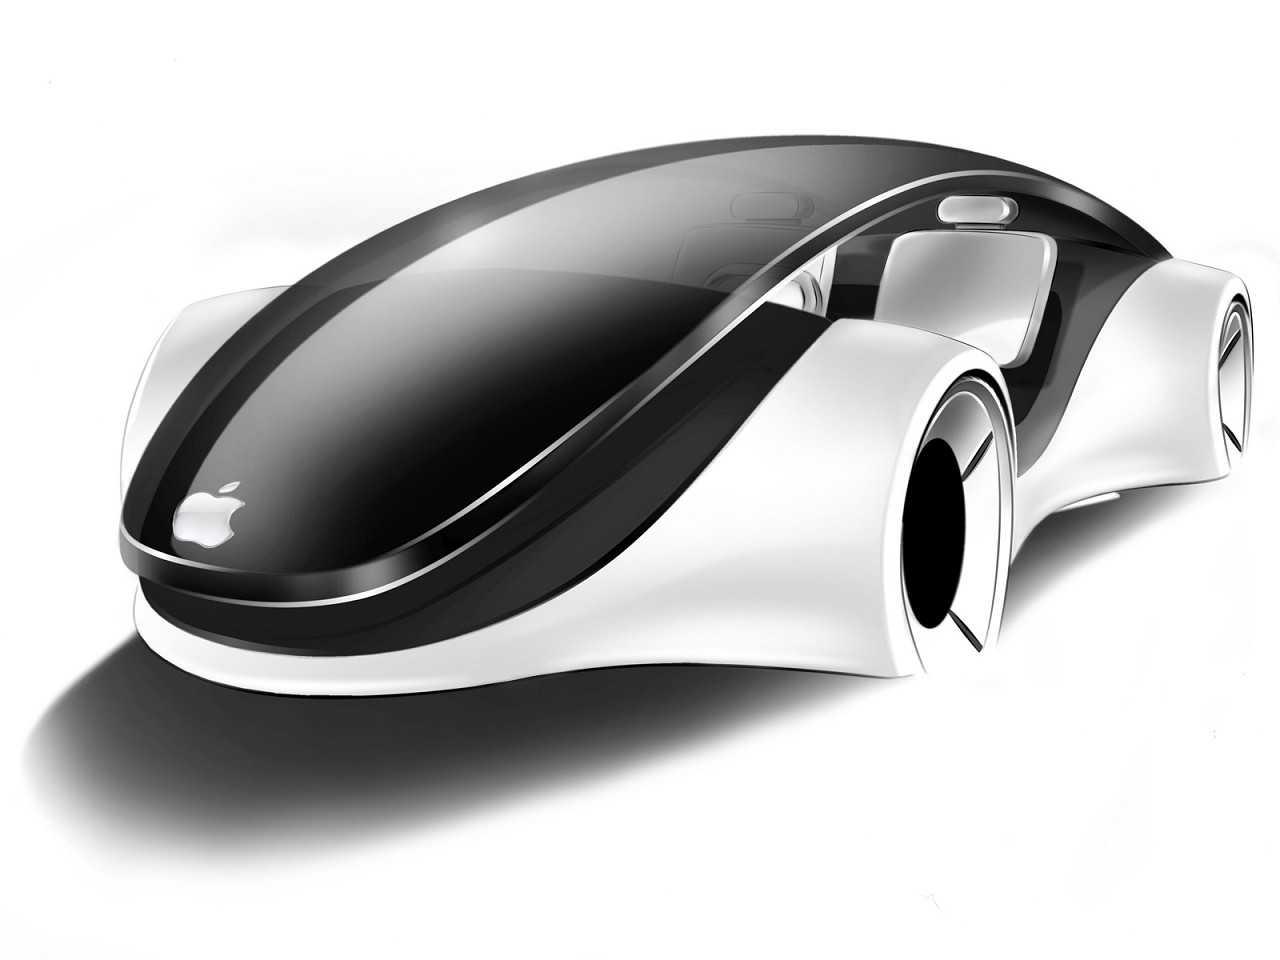 Projeção de como poderia ser o carro autônomo da Apple